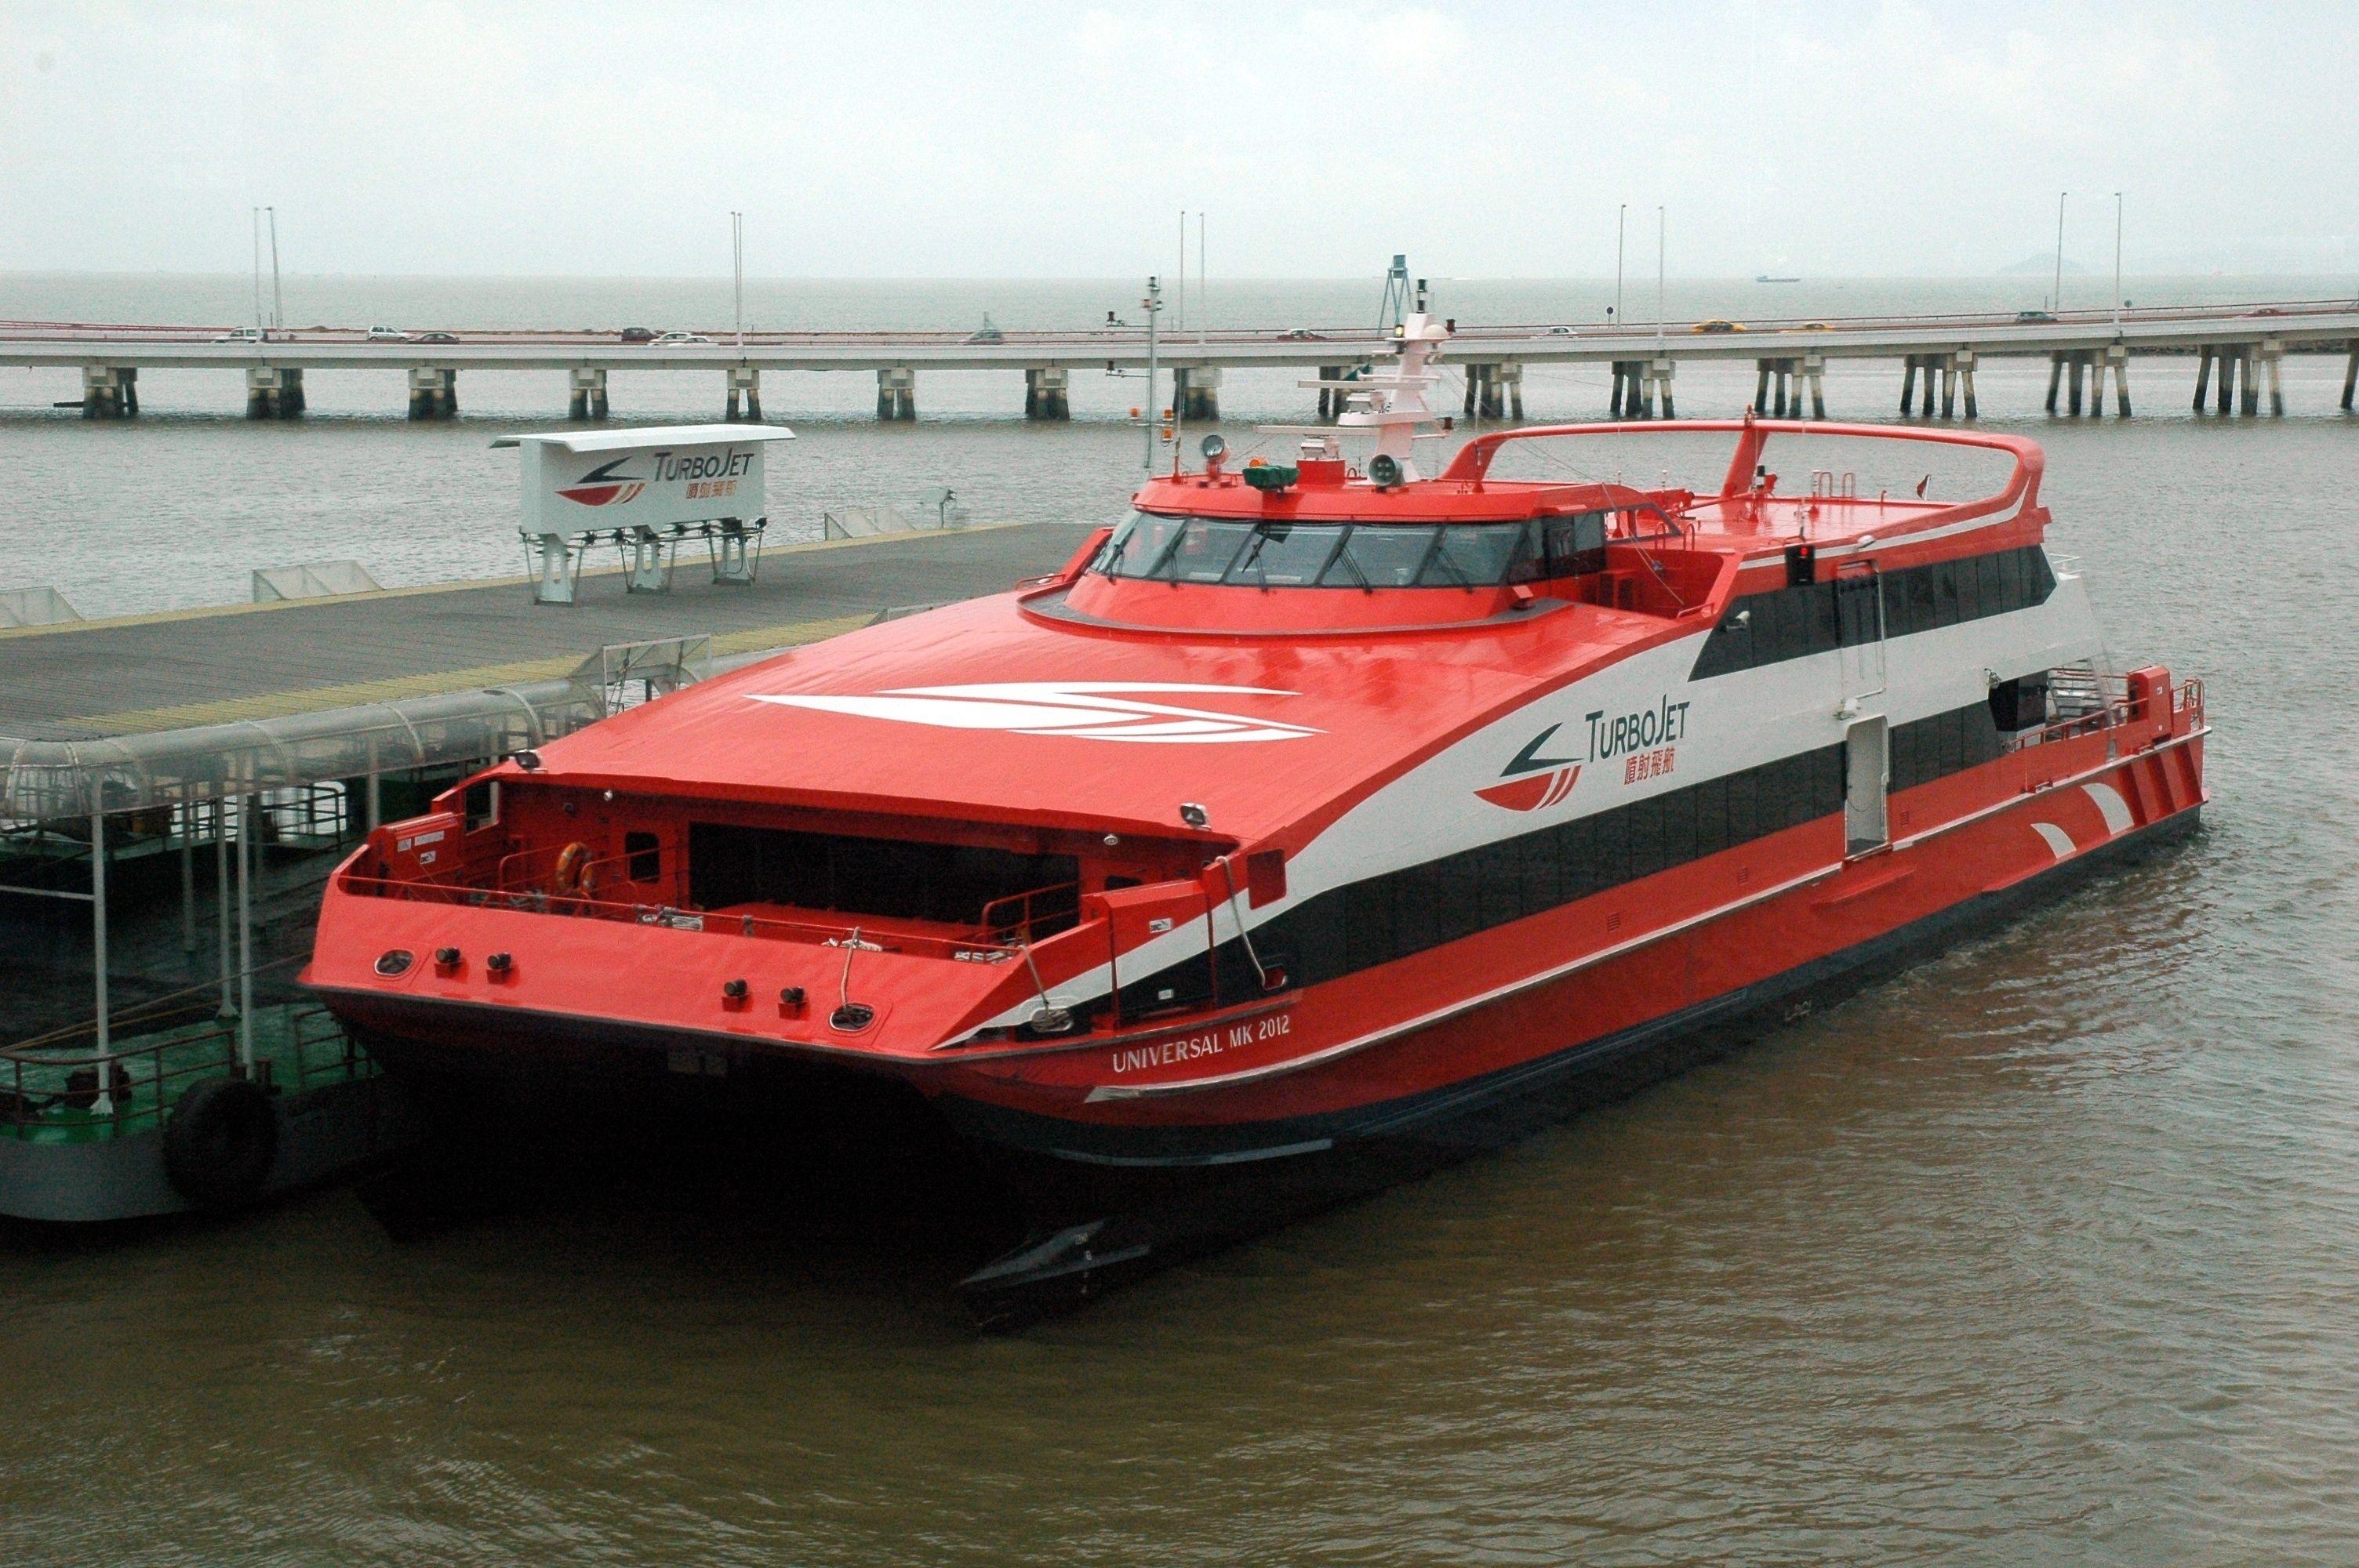 TurboJet_Catamaran.JPG